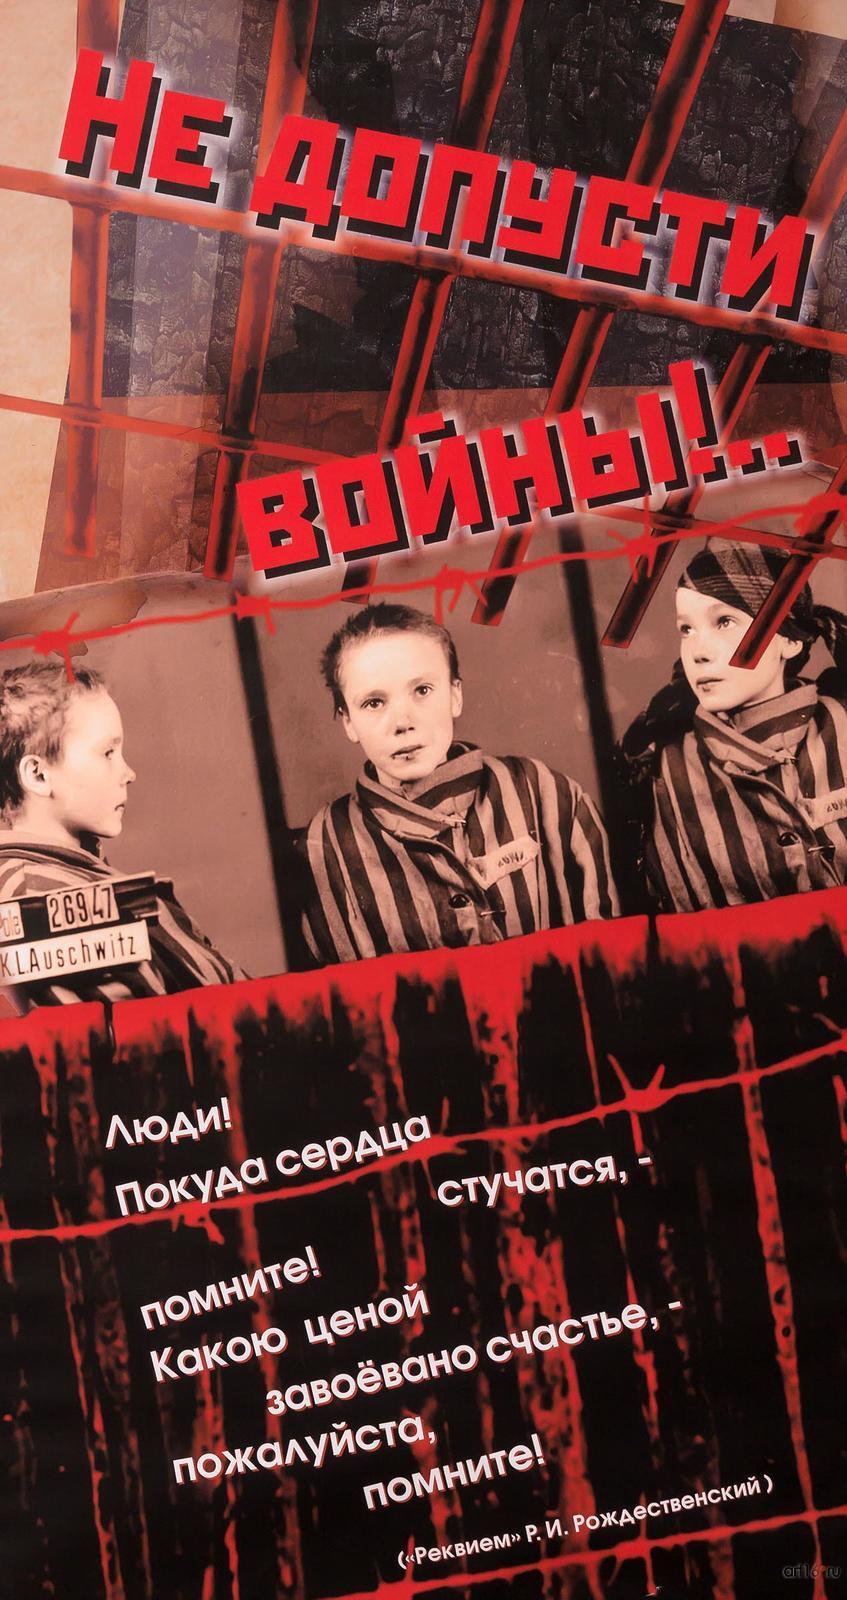 Фото №814517. Современный плакат, посвященный ВОв